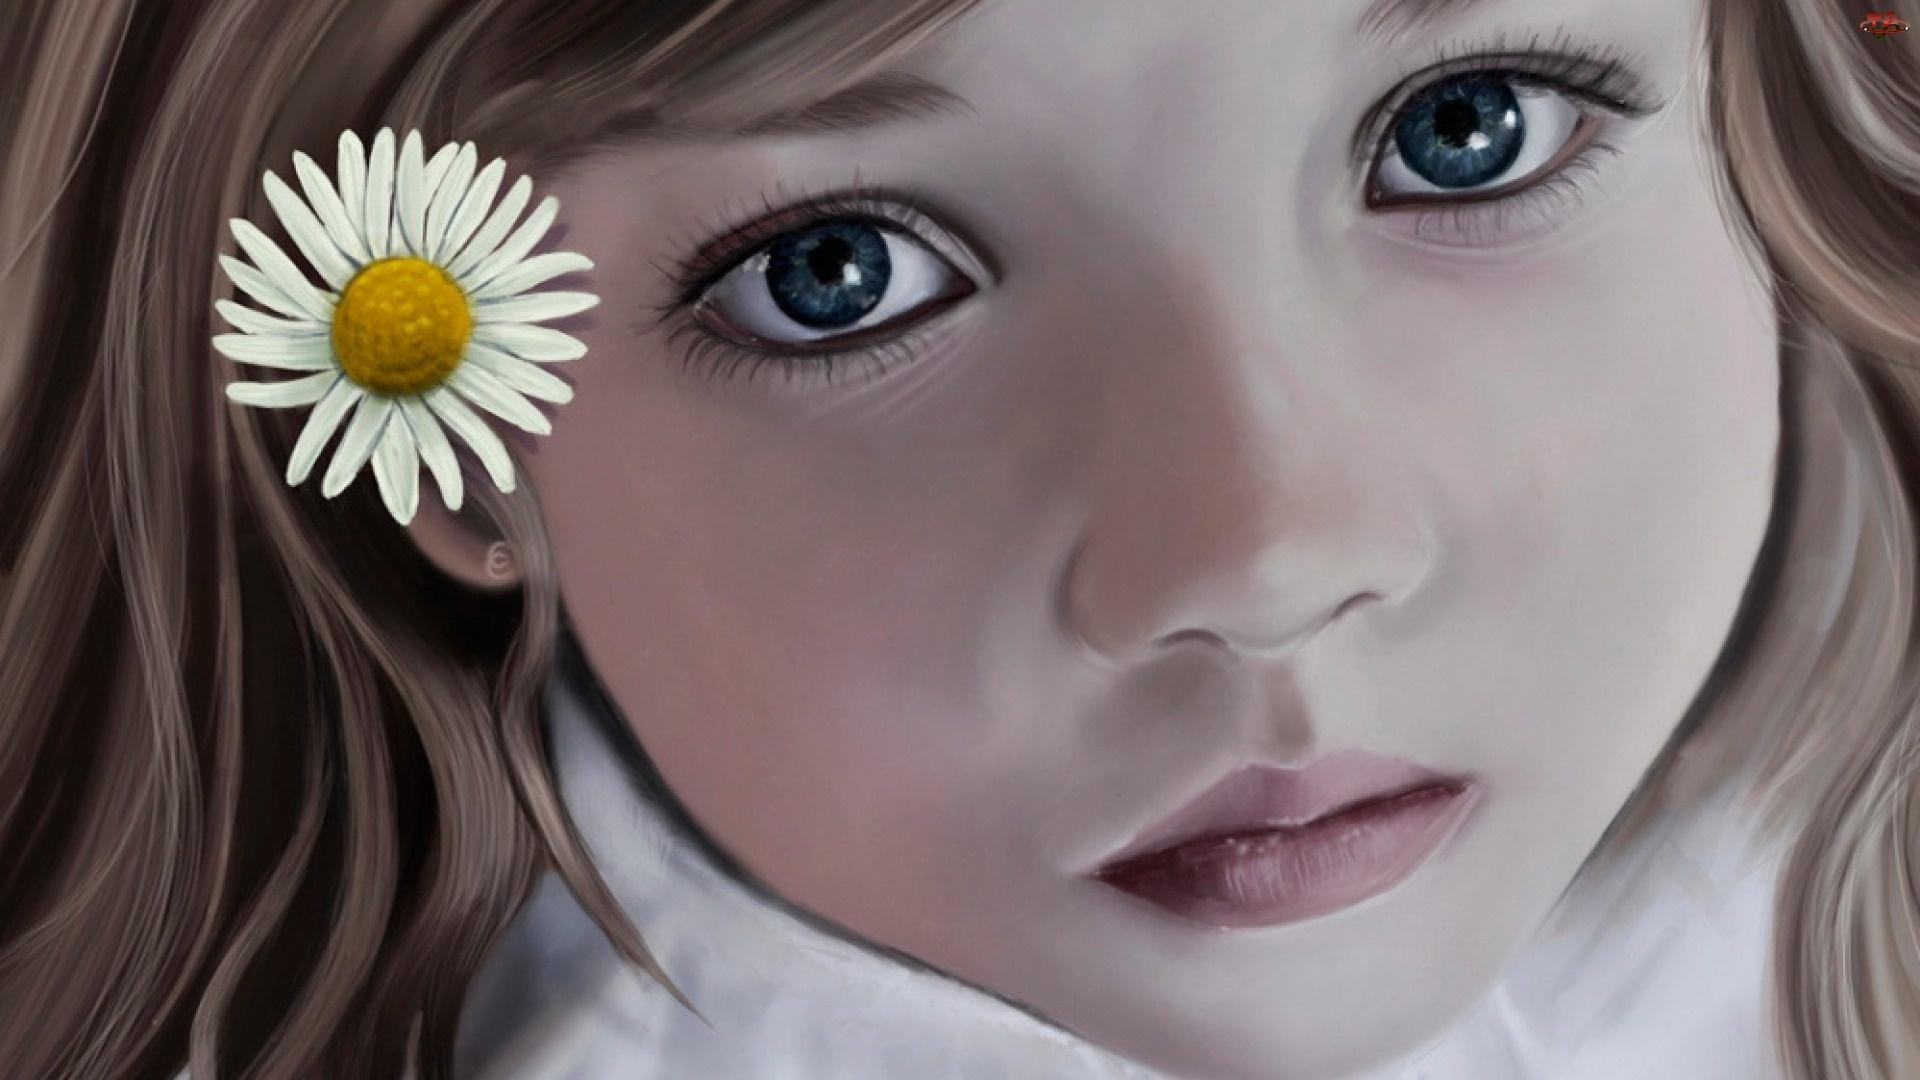 Kwiatek, Dziecko, Smutna, Dziewczynka, Twarz